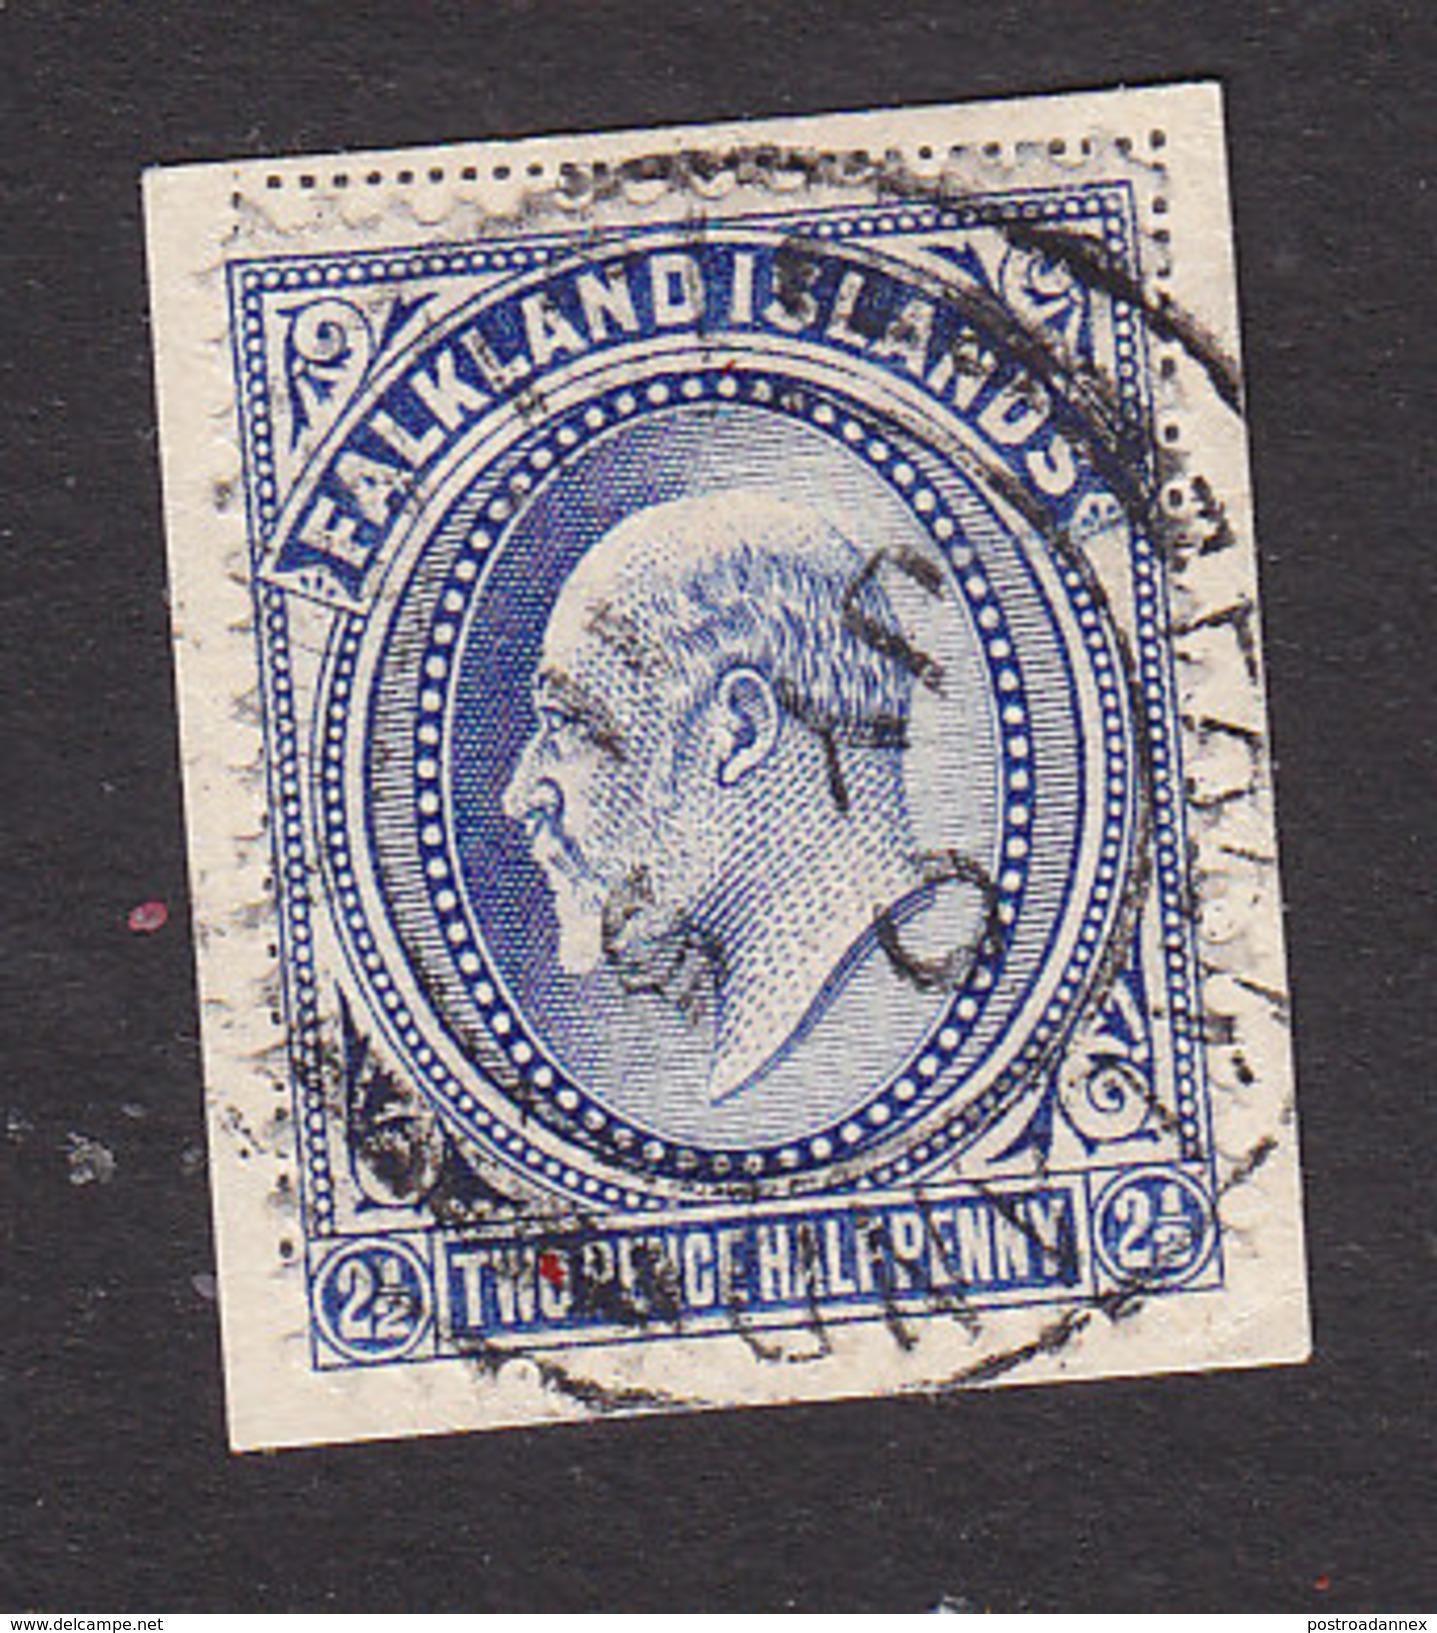 Falkland Islands, Scott #25, Used, Edward VII, Issued 1904 - Falkland Islands